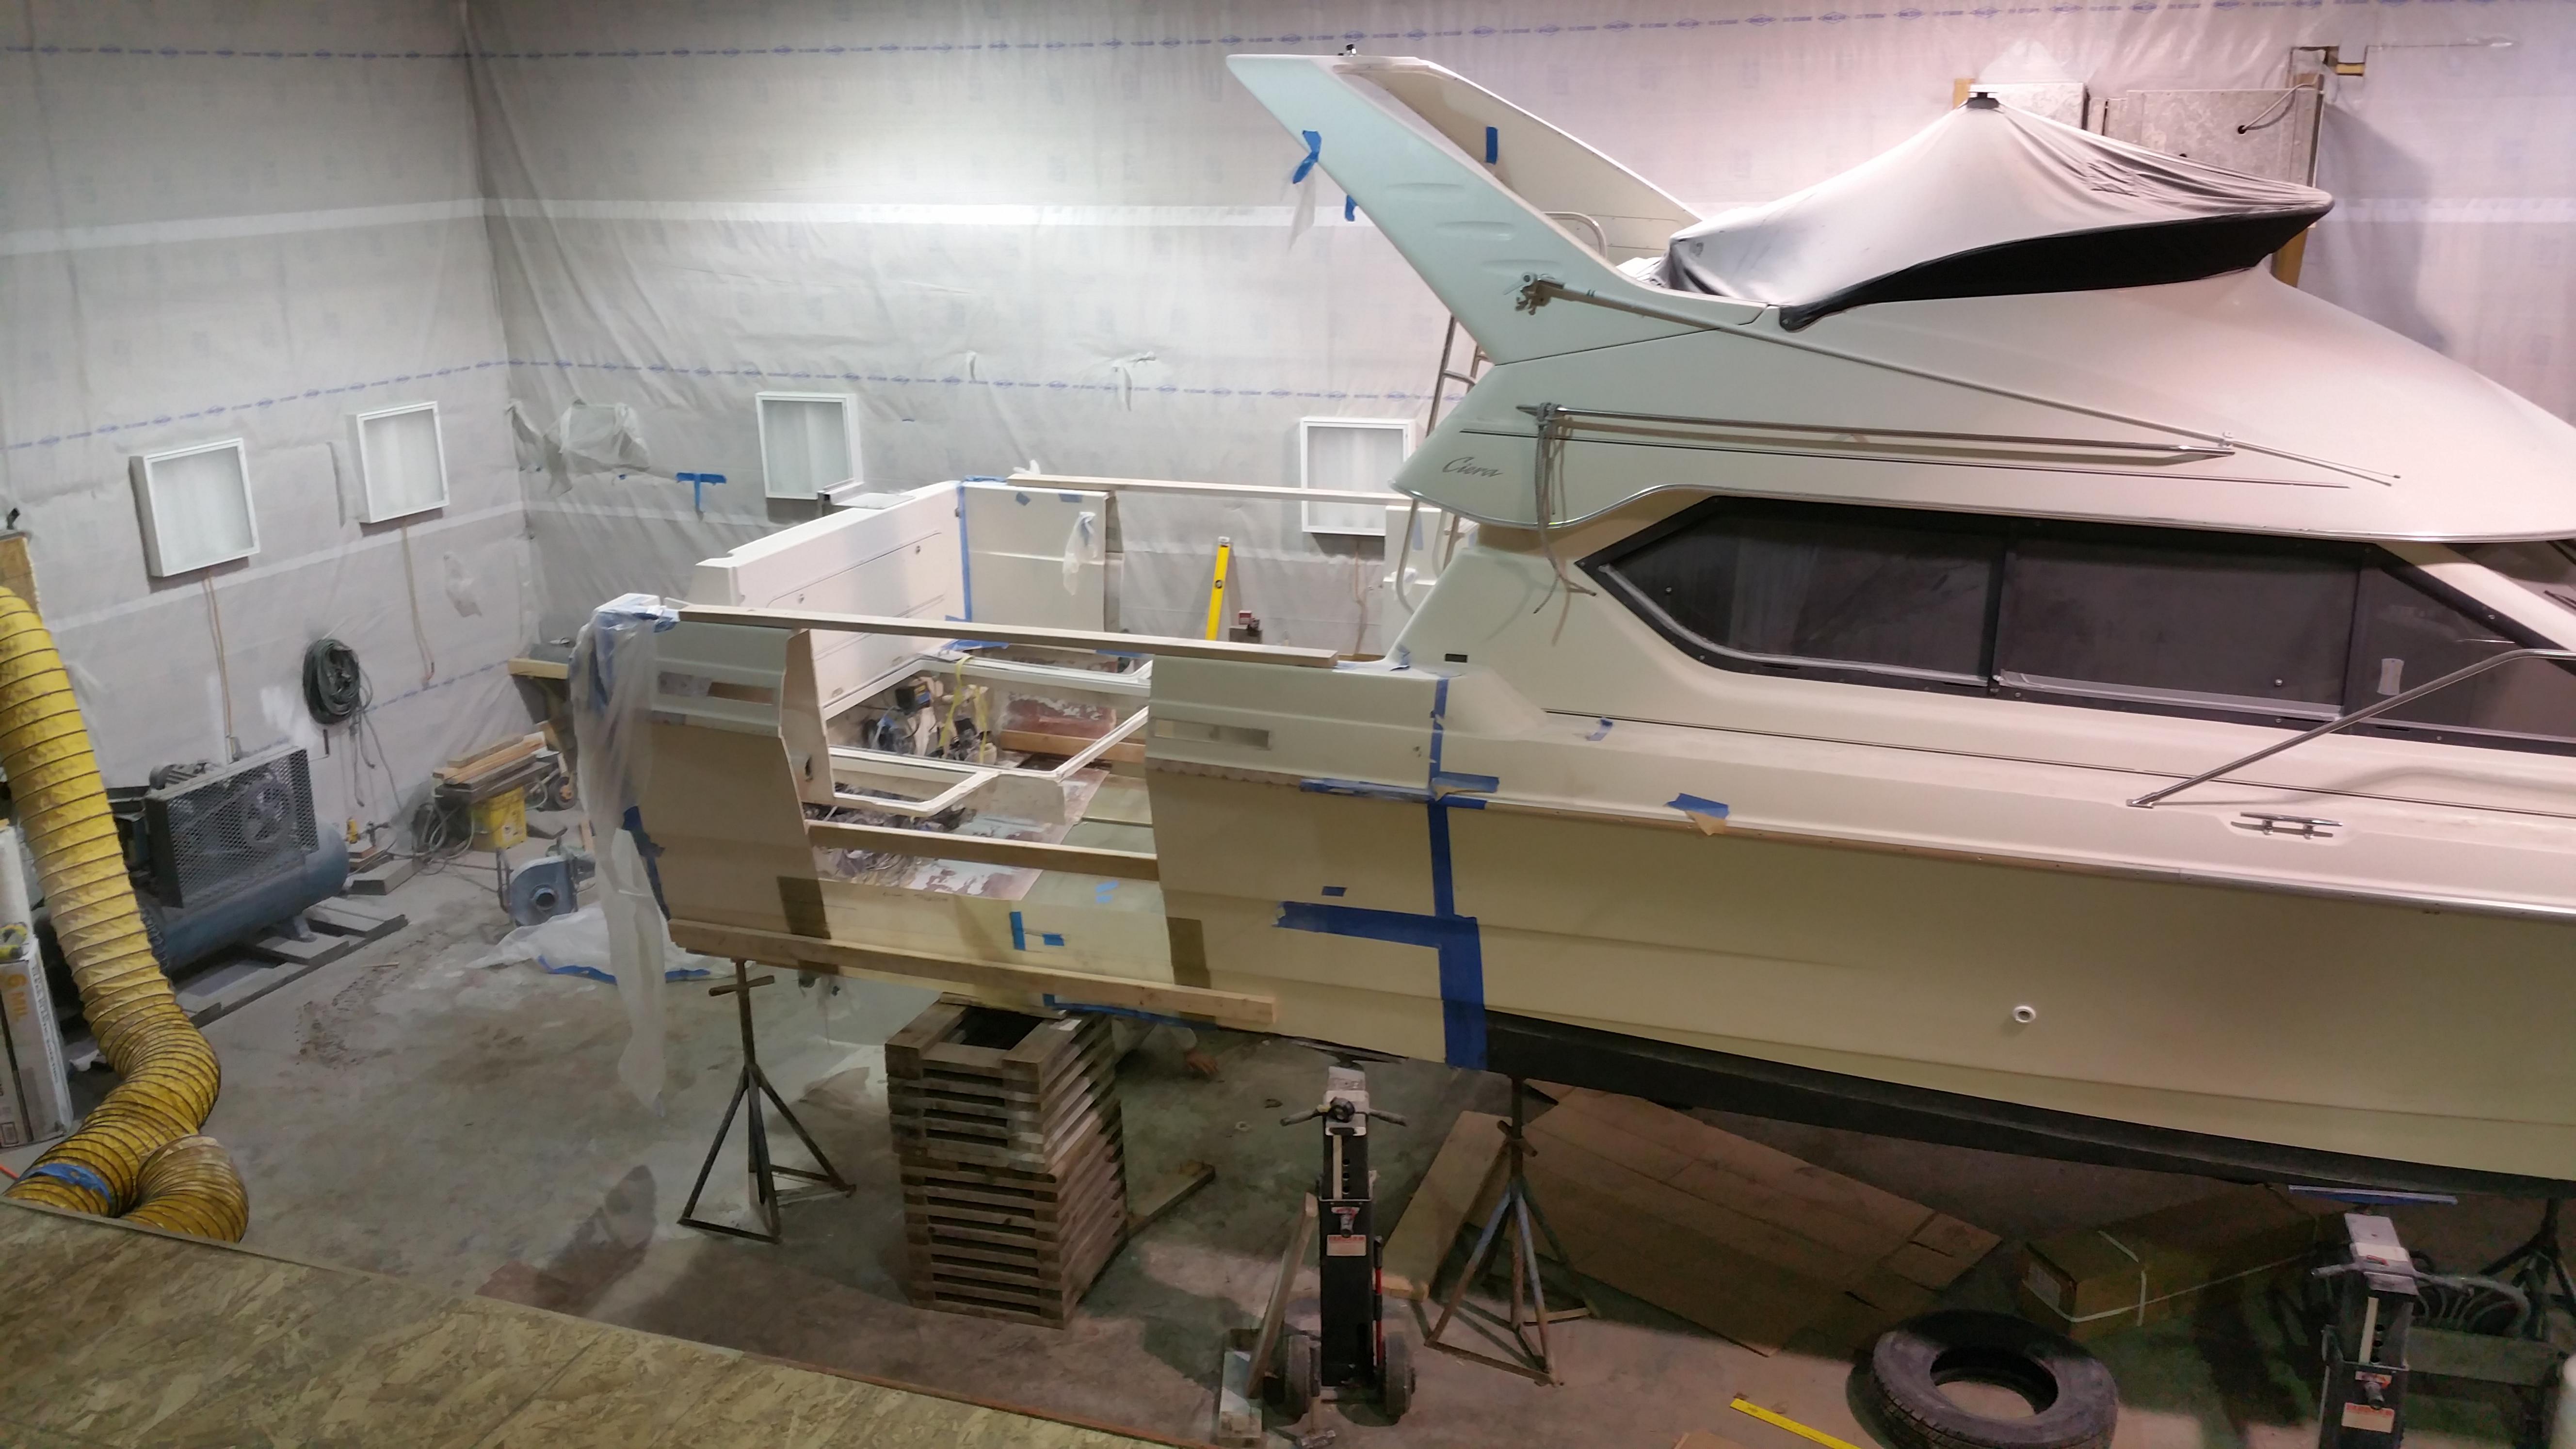 Boat Image 48